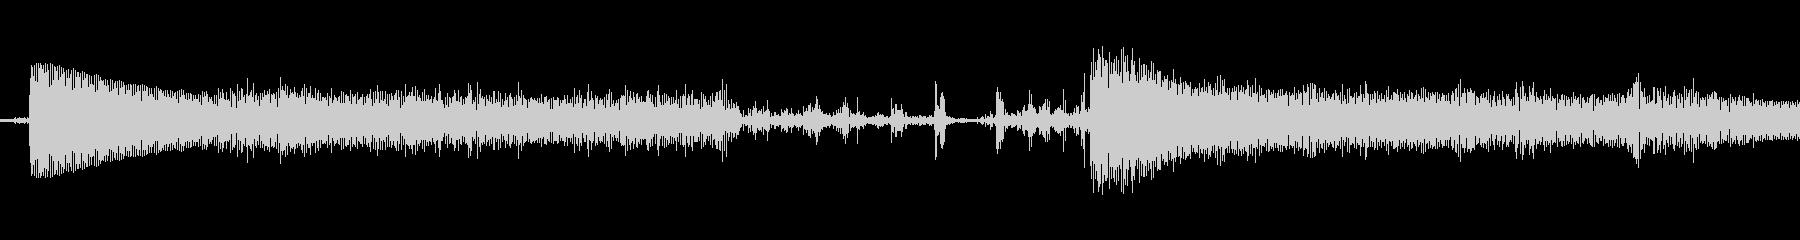 ビープ音06の未再生の波形